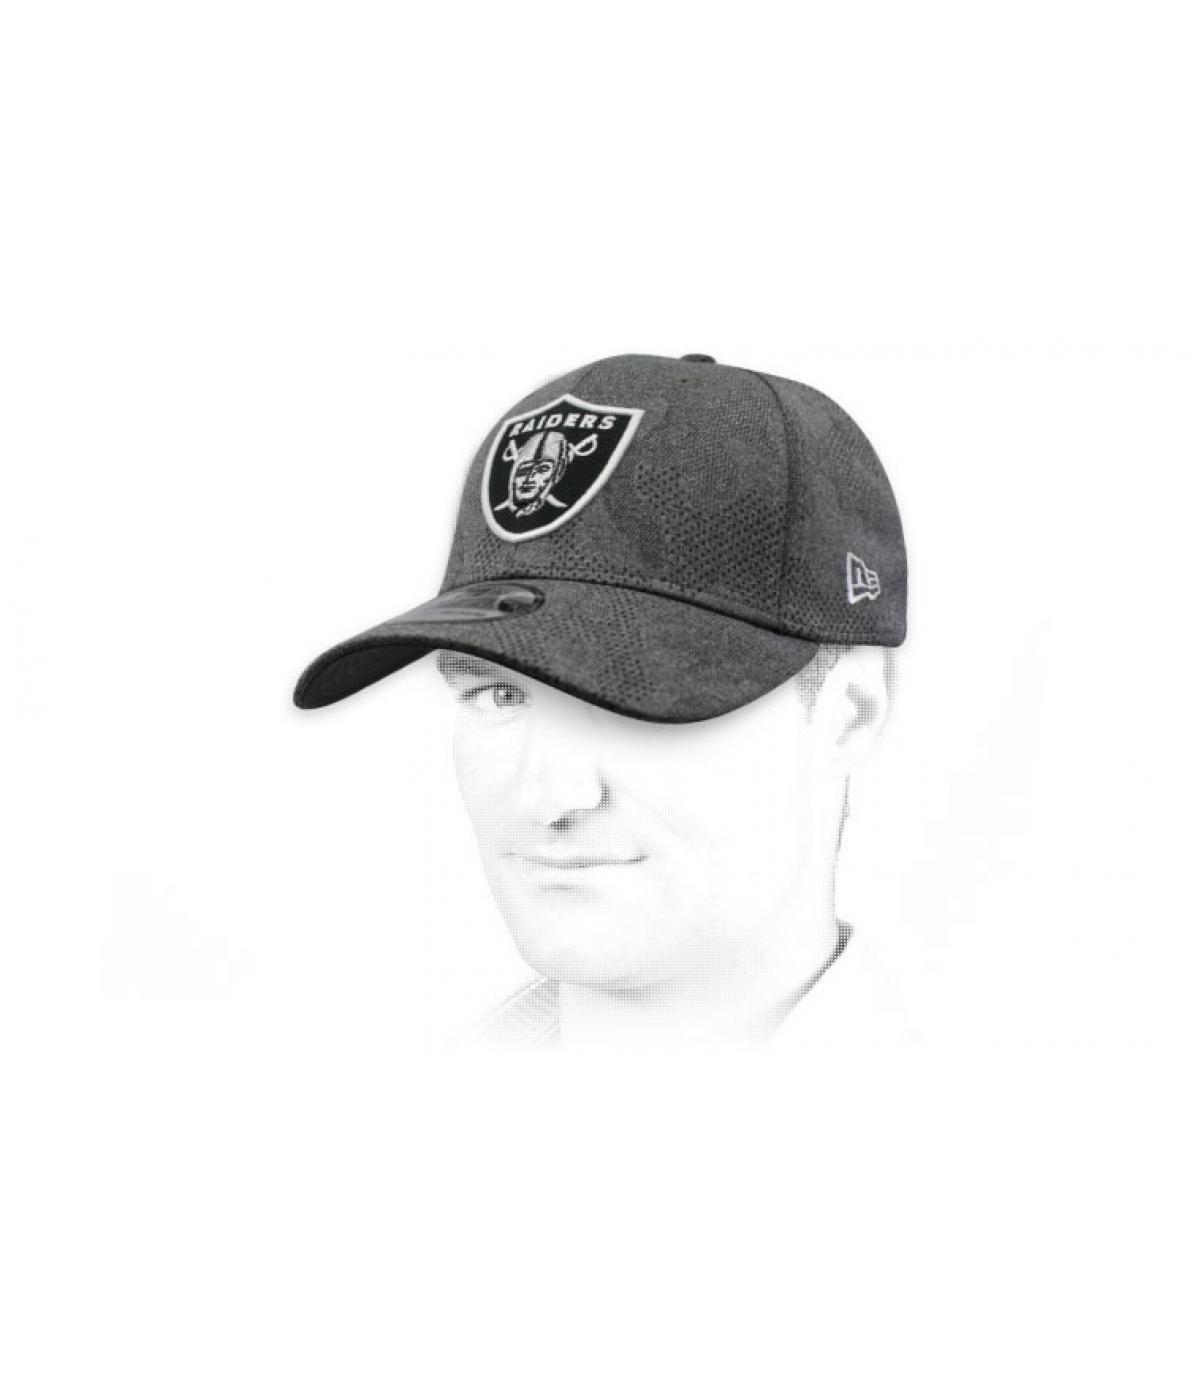 zwart grijs Raiders cap